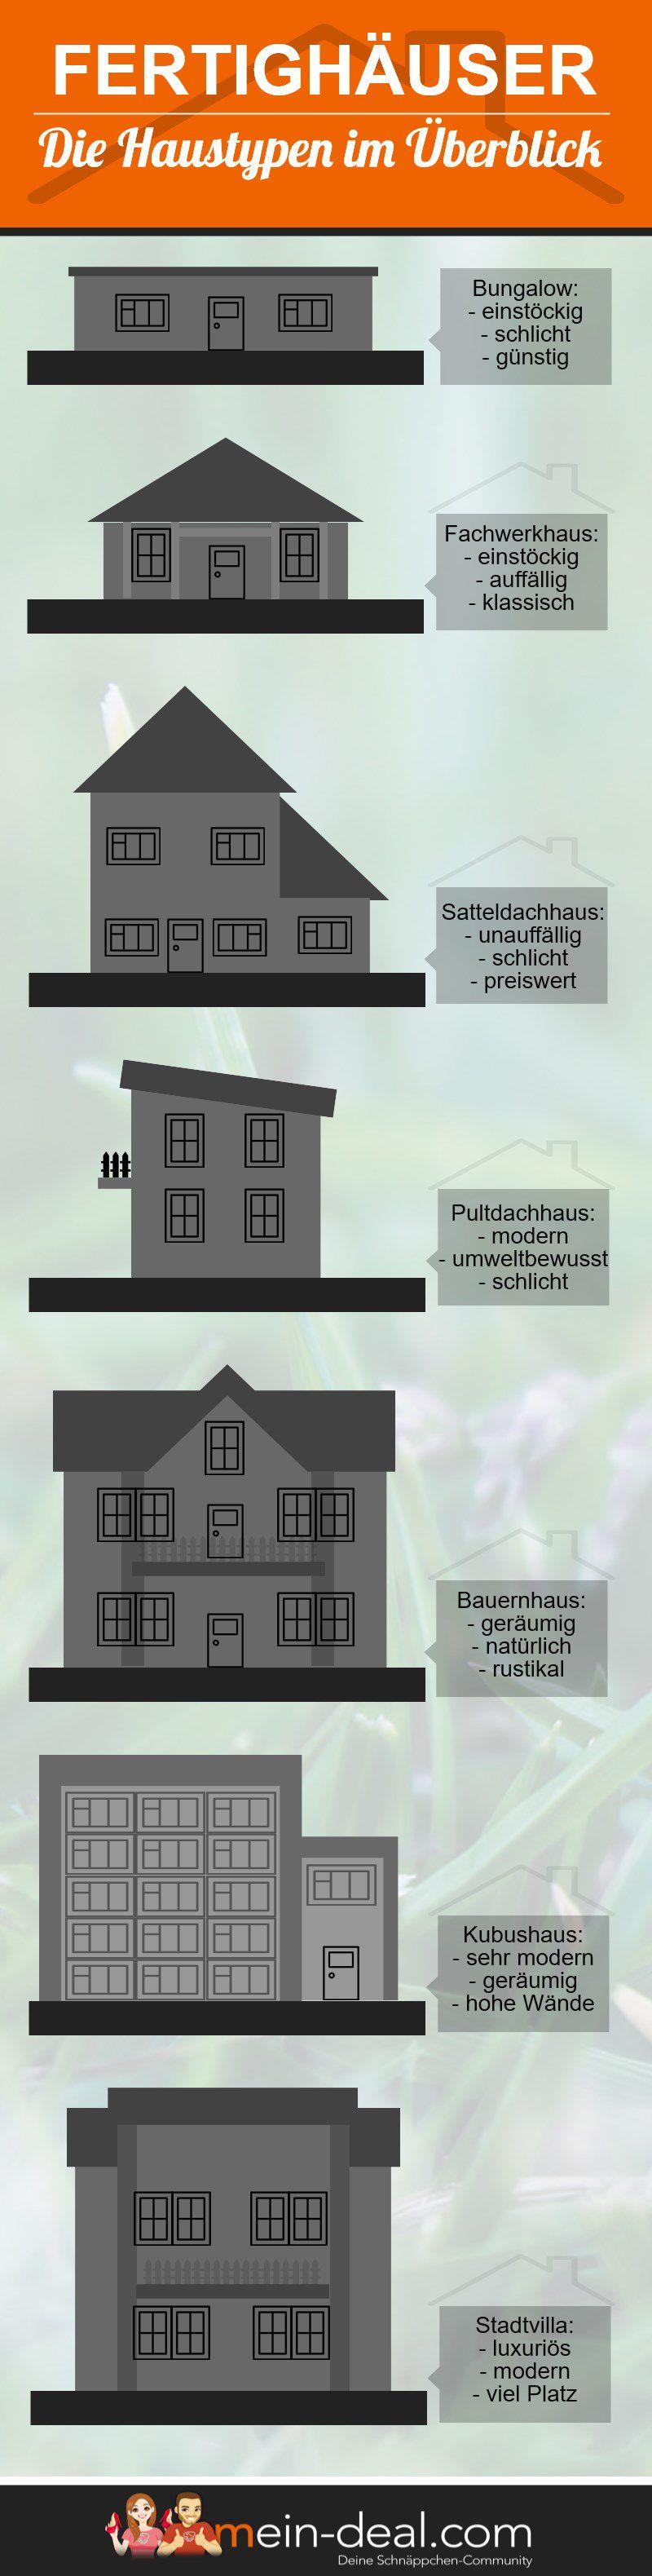 Infografik Haustypen im Überblick Fertighäuser – was steckt dahinter? Der große Ratgeber